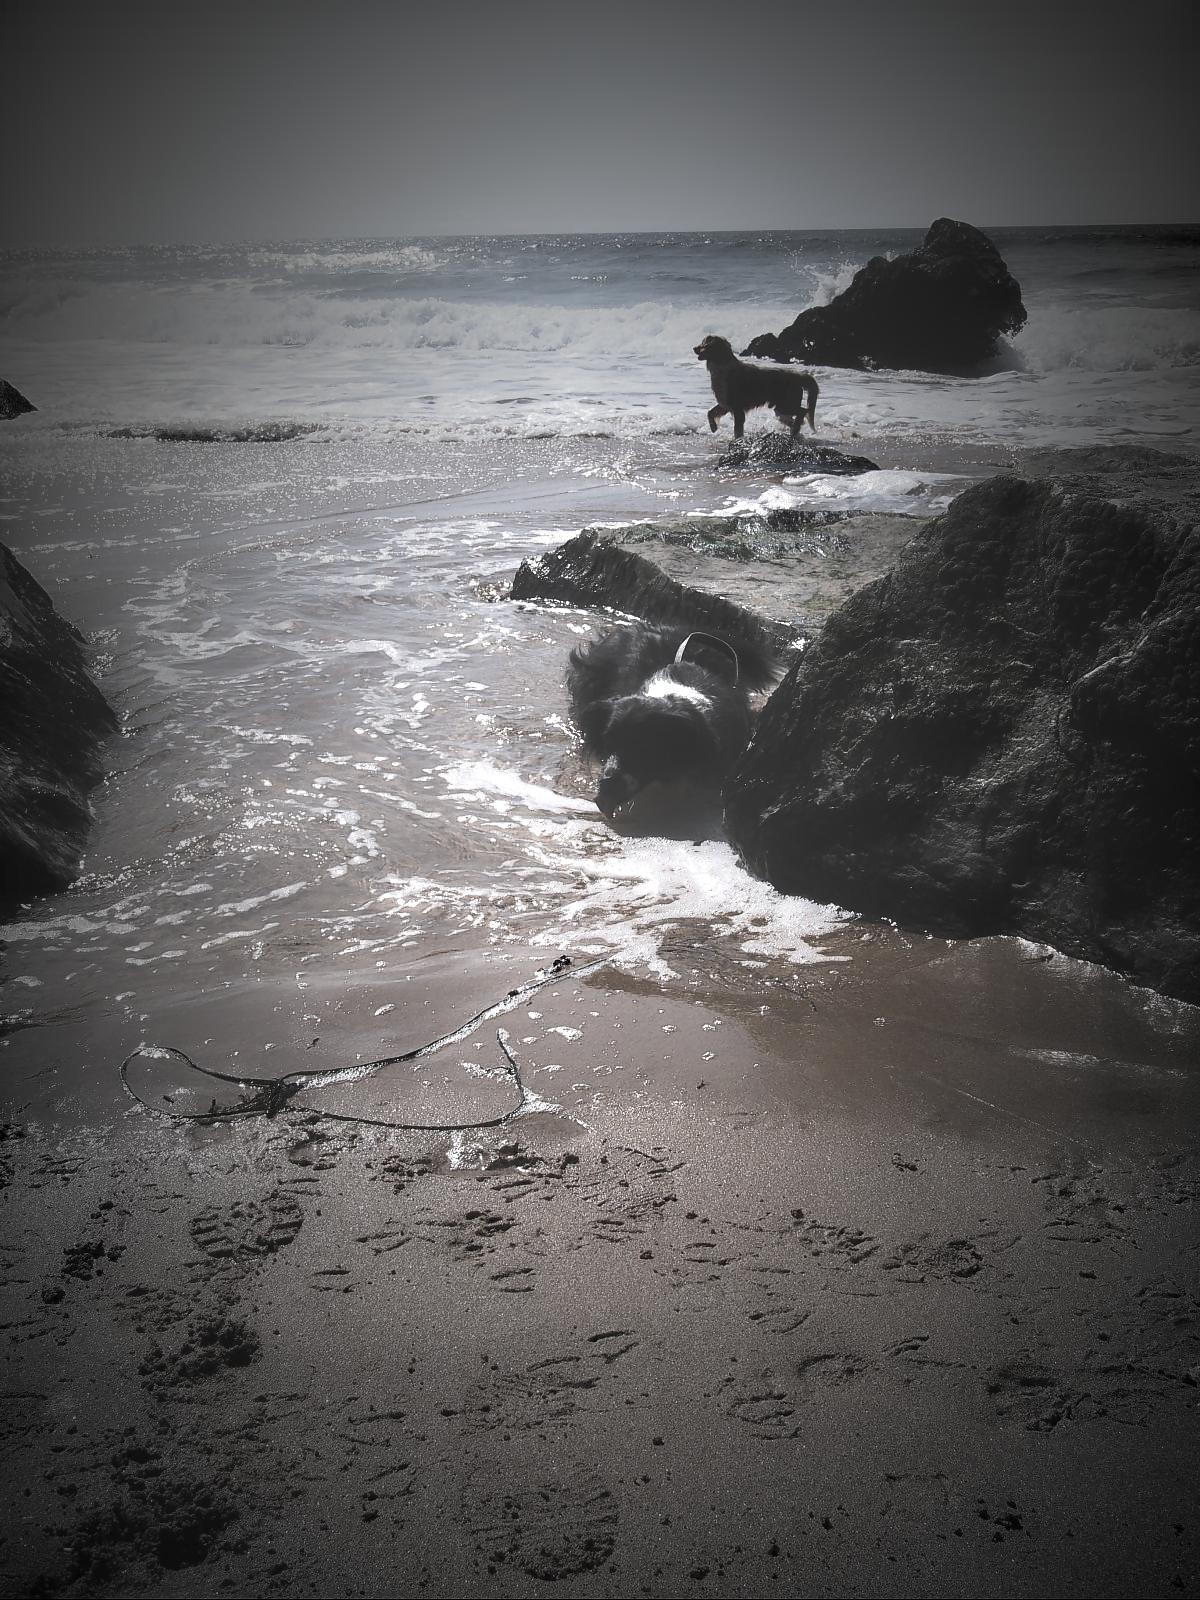 Nelly und der fremder Hund am Meer 01